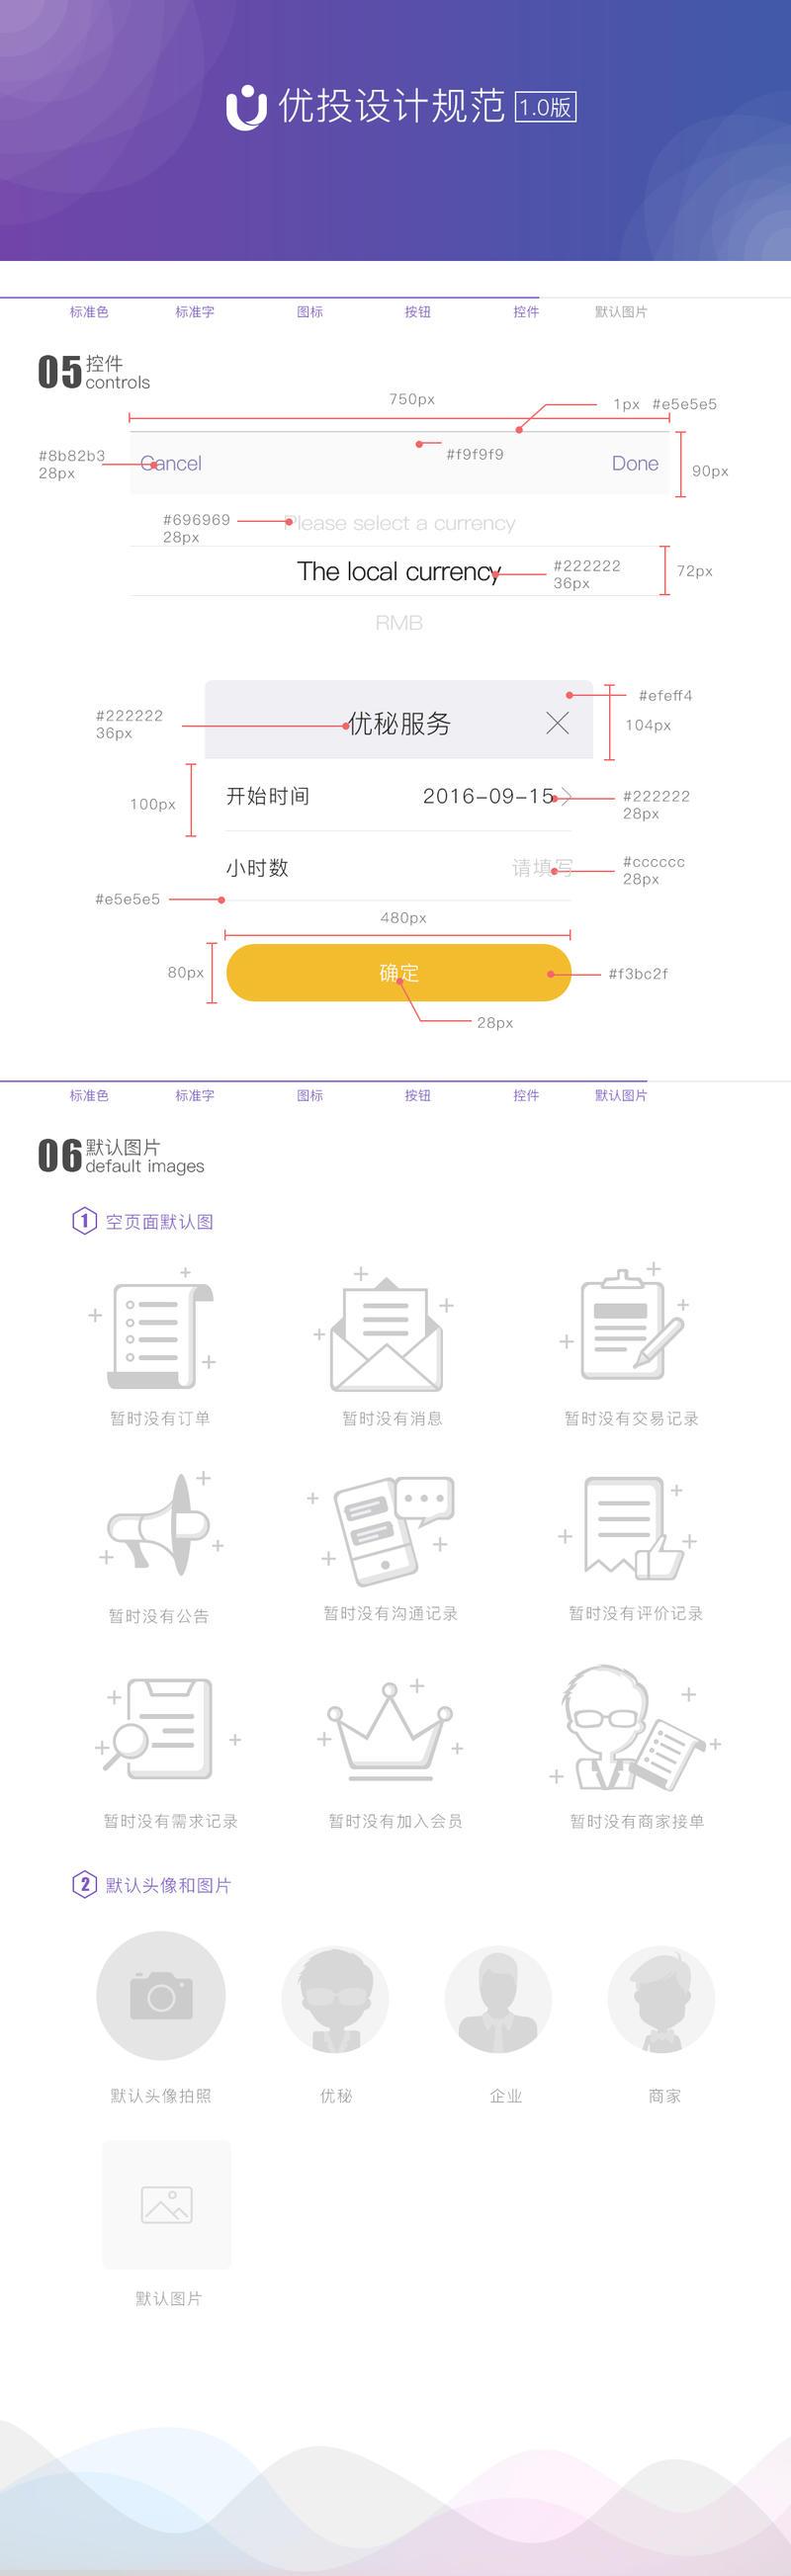 【第26期】26套APPUI中文作品打包分享含PSD源文件,字体安装文件,设计规范